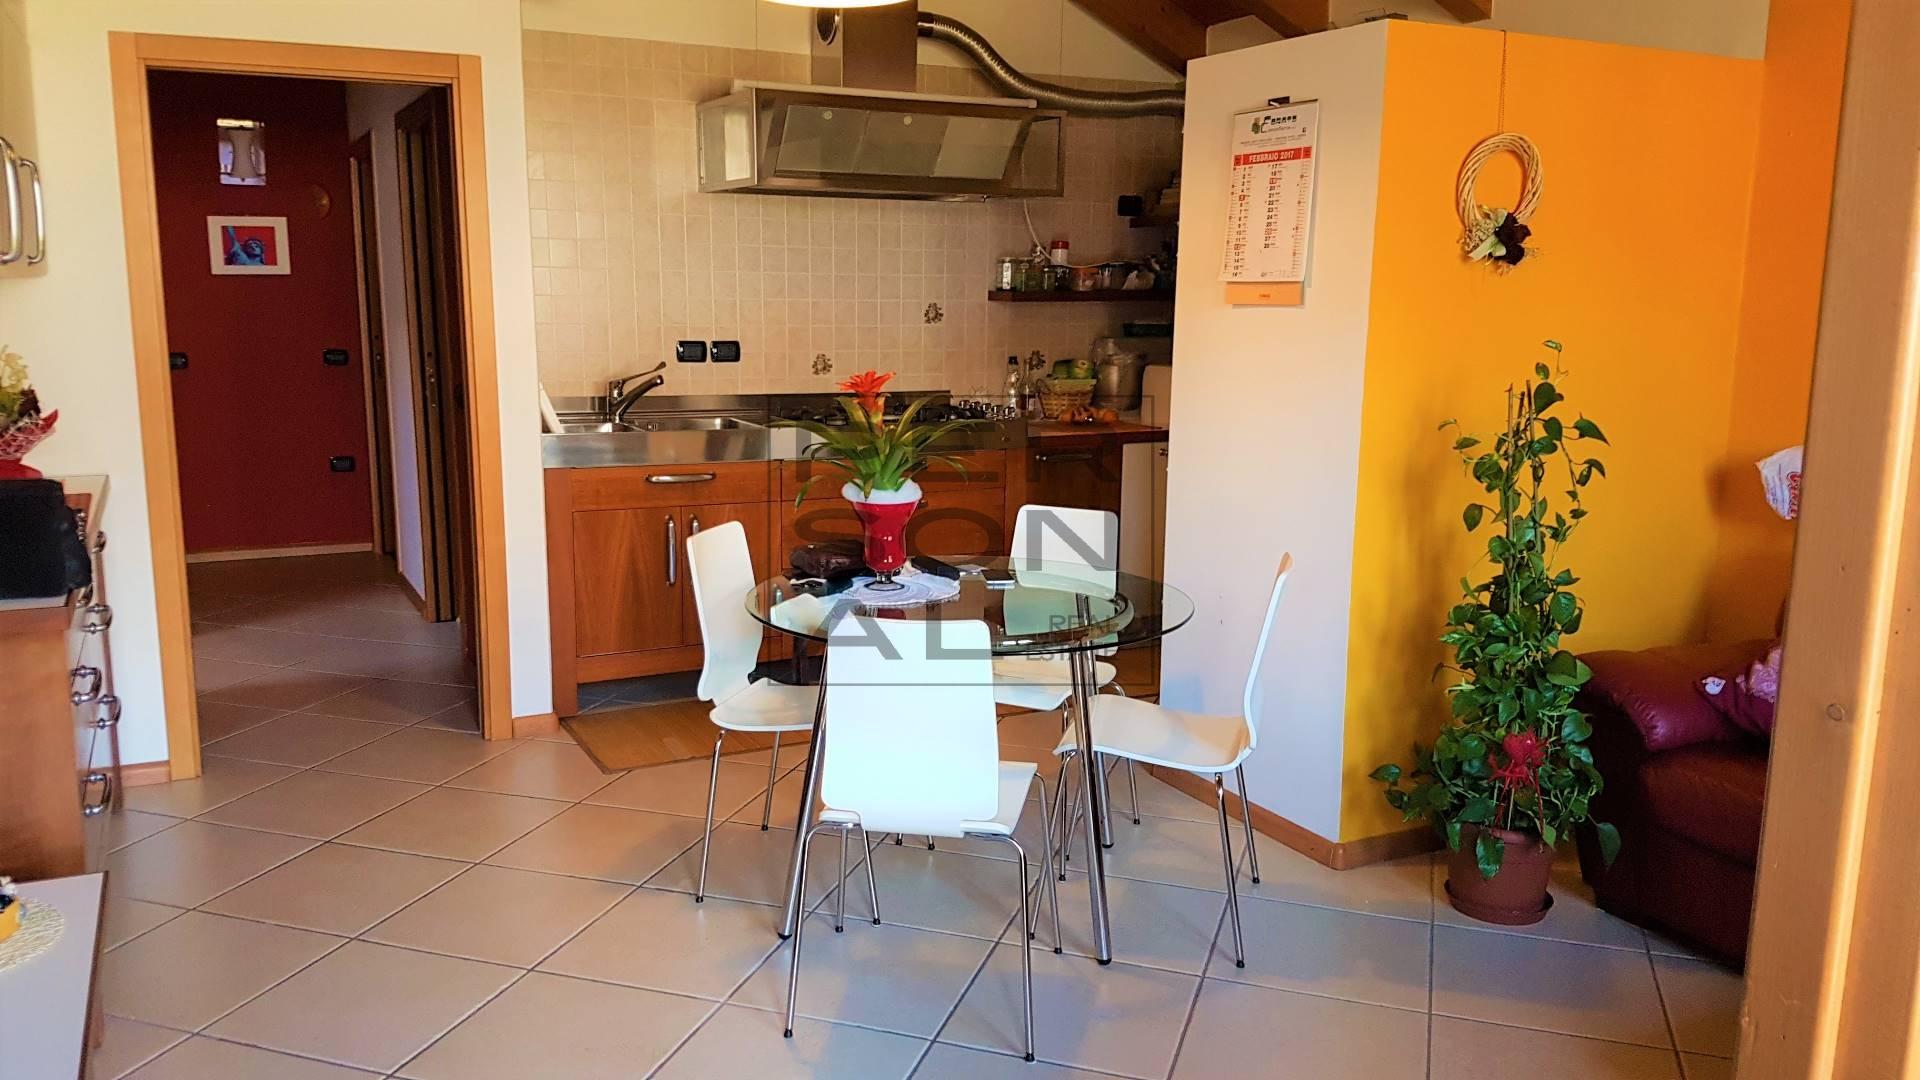 Appartamento in vendita a Lavis, 3 locali, zona Località: Lavis, prezzo € 195.000 | Cambio Casa.it